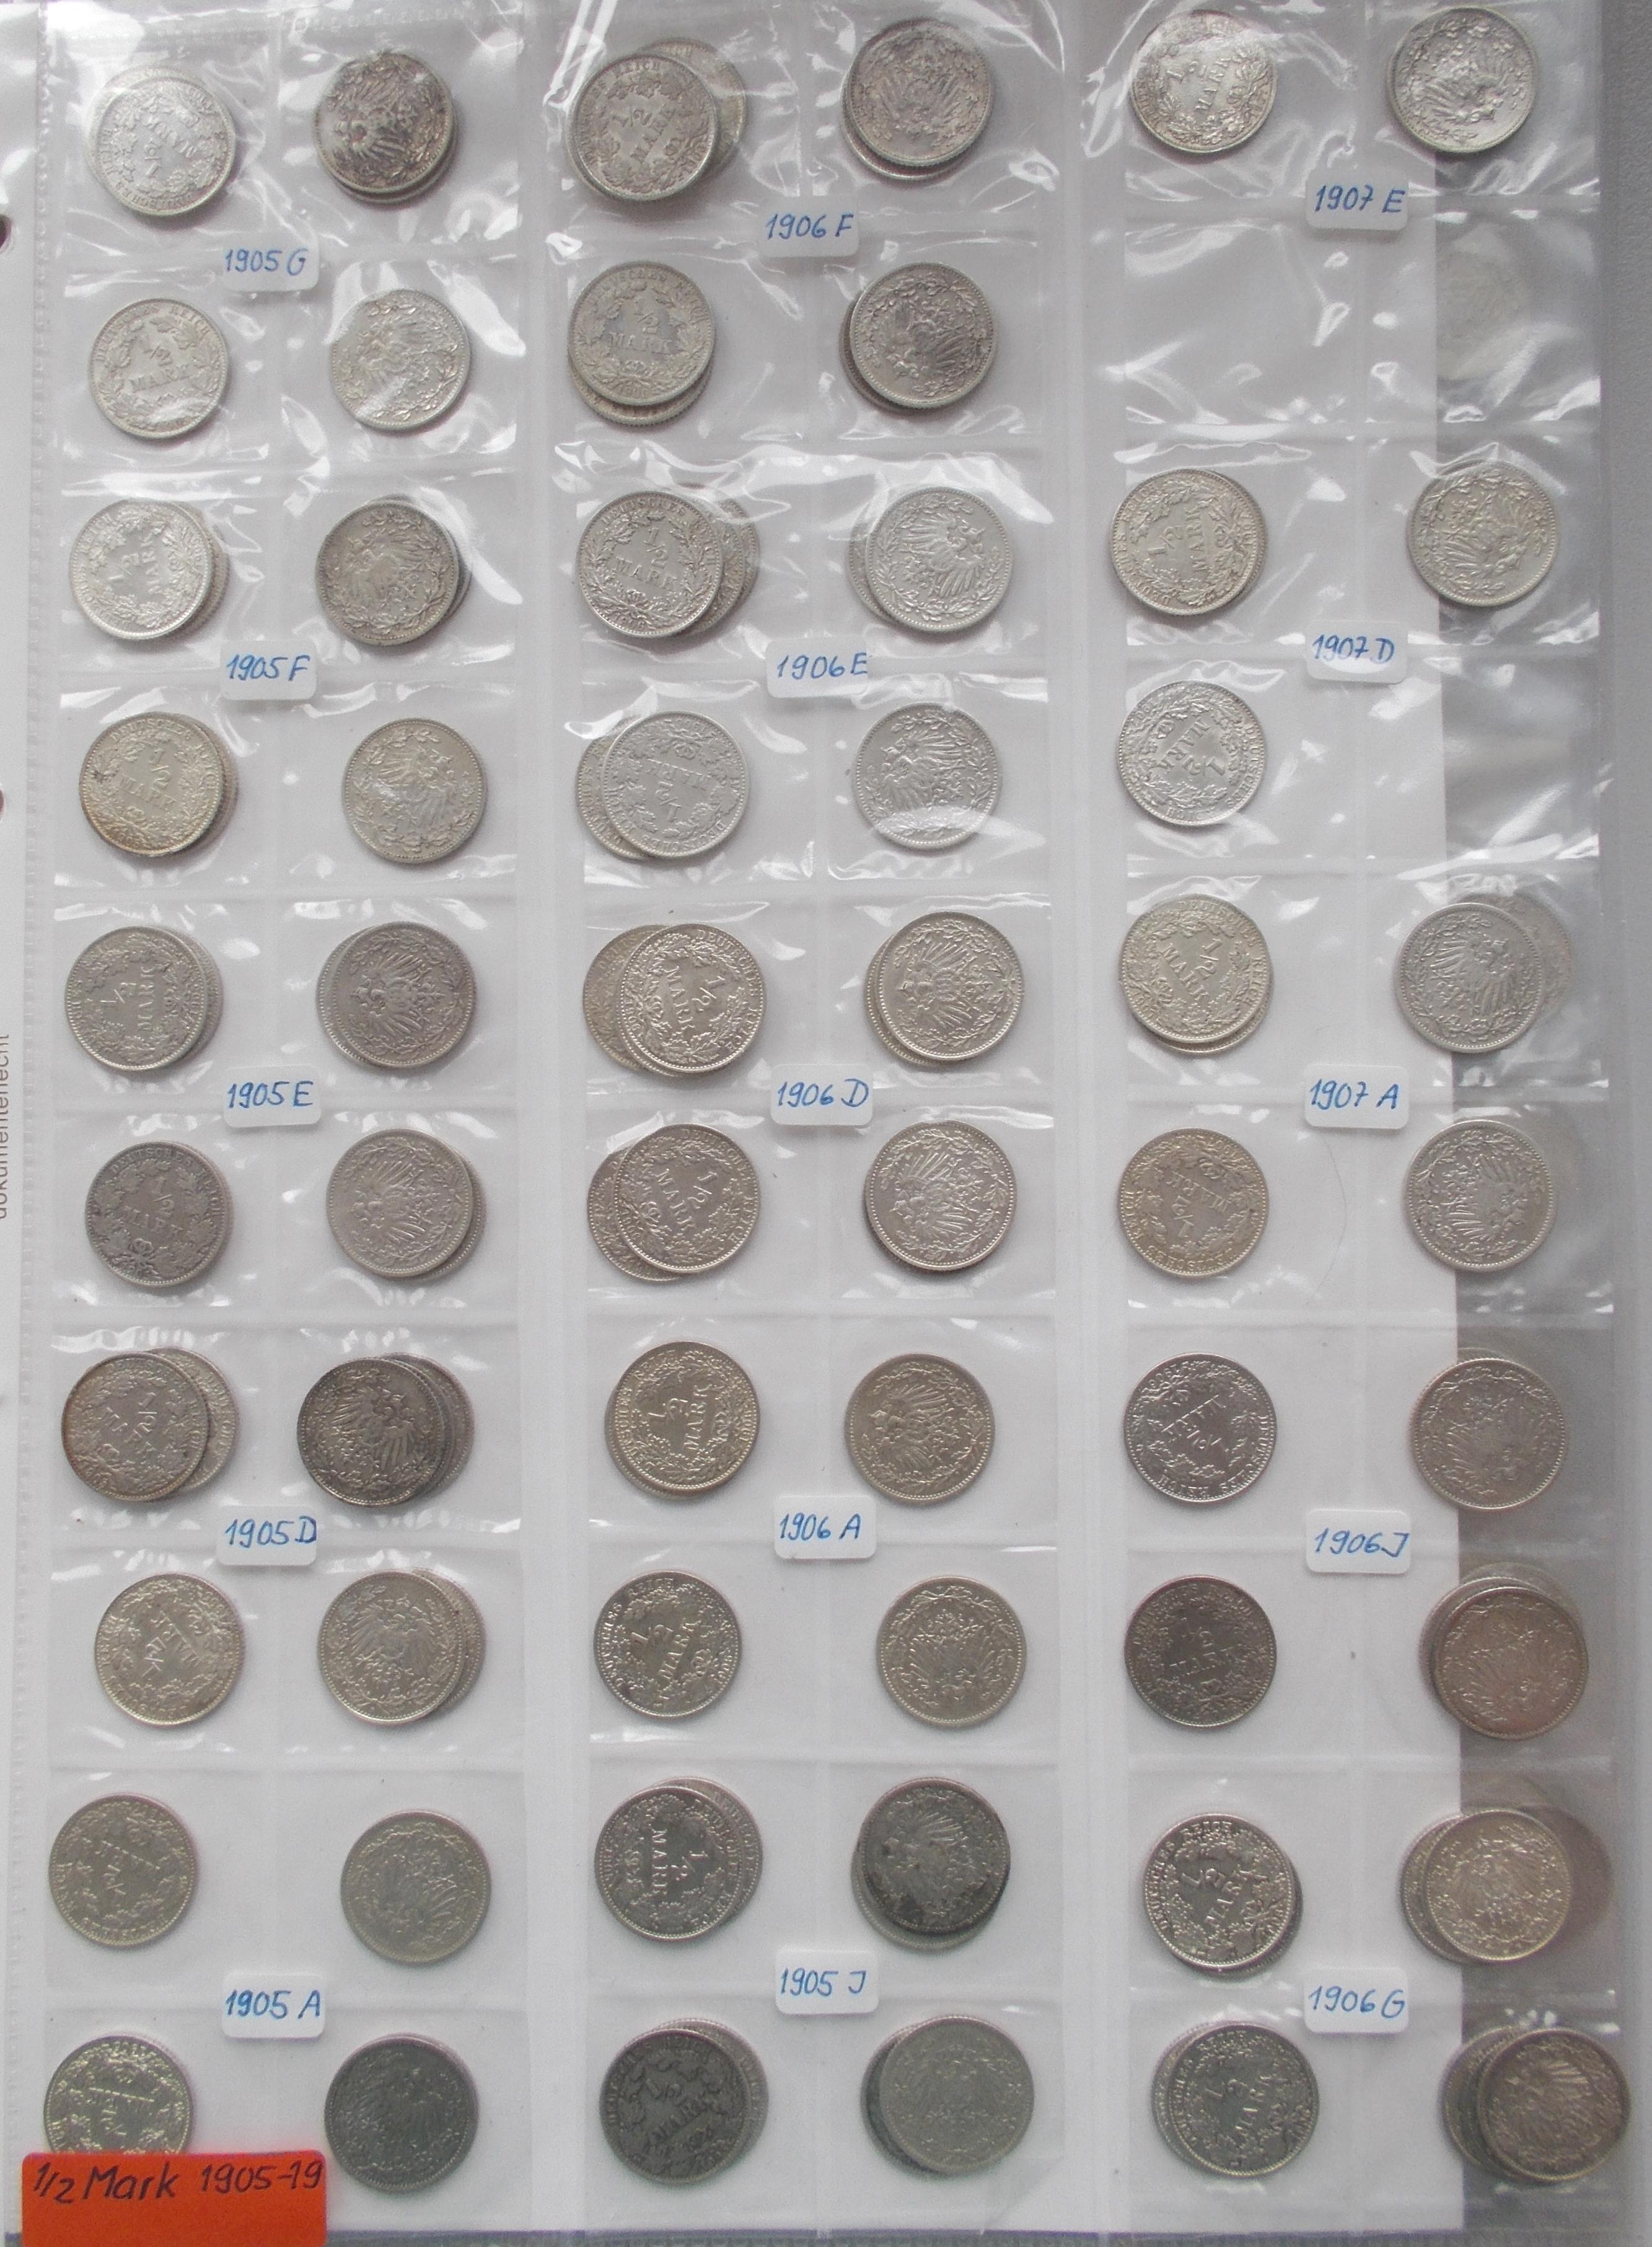 Lot 02777 - Umlaufmünzen 1 Pf. - 1 Mark   Deutsches Kaiserreich  -  Auktionshaus Christoph Gärtner GmbH & Co. KG Sale #48 The Coins & The Picture Post Cards